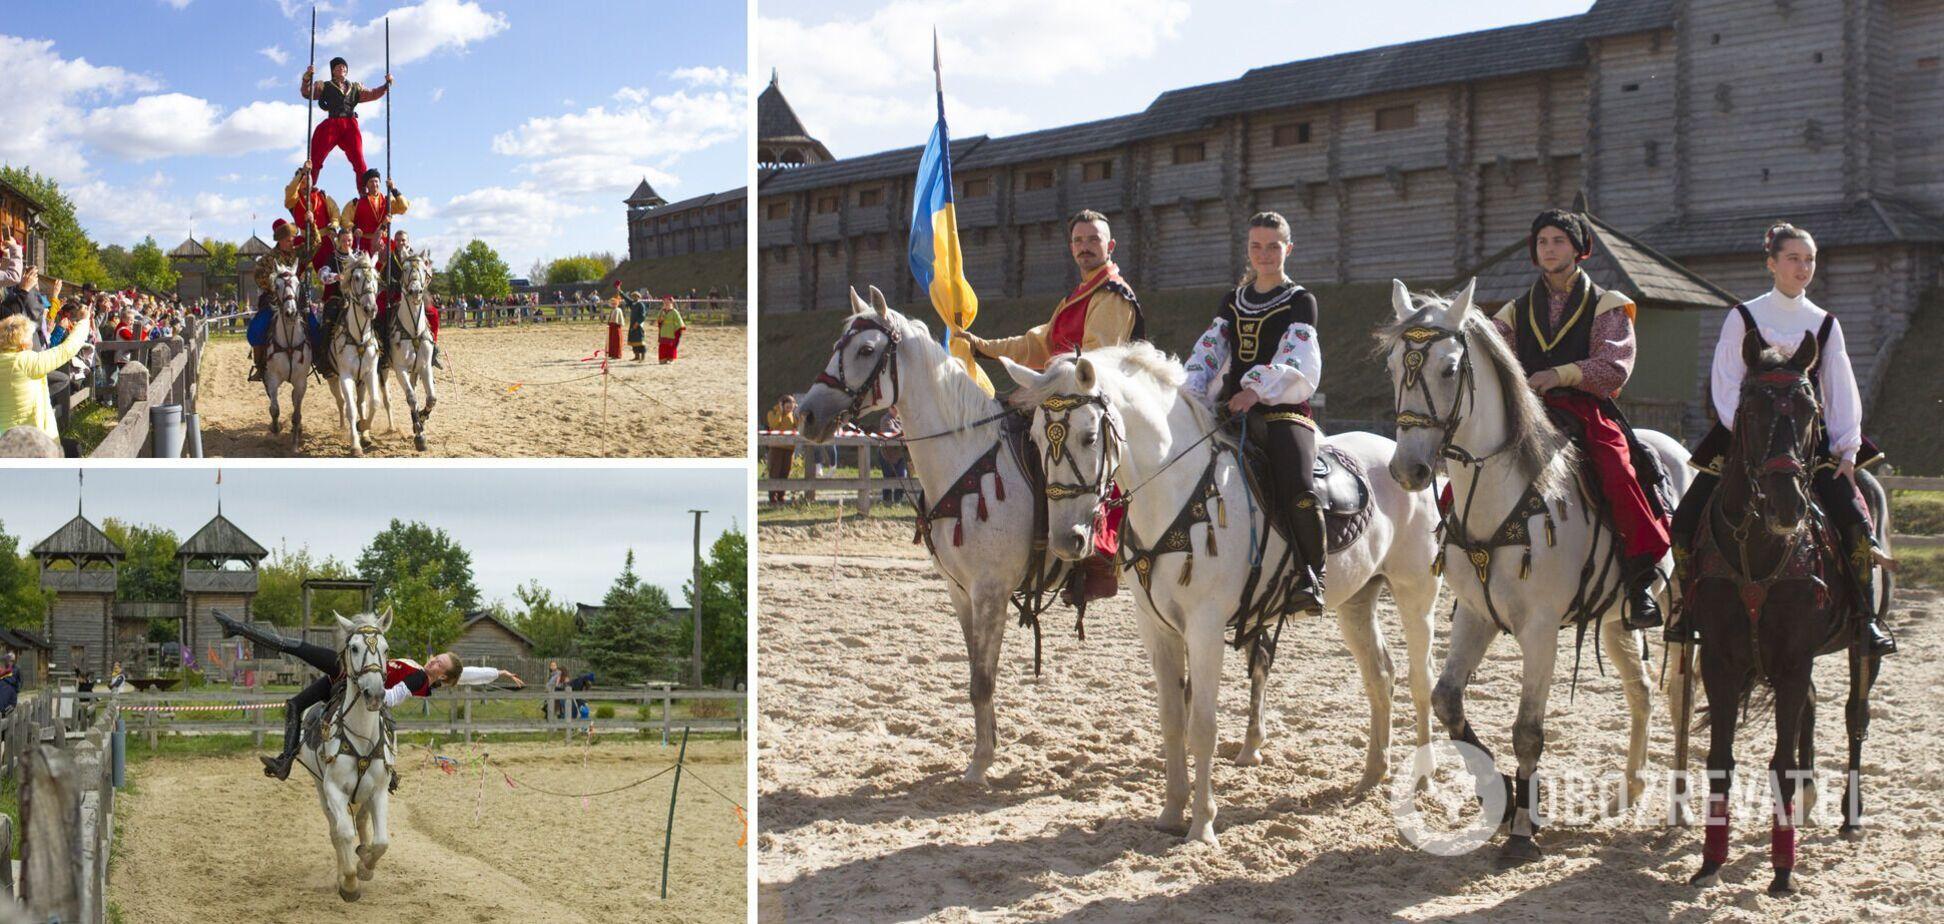 В 'Парке Киевская Русь' состоялся фестиваль конно-трюкового искусства 'Кентавры'. Фото